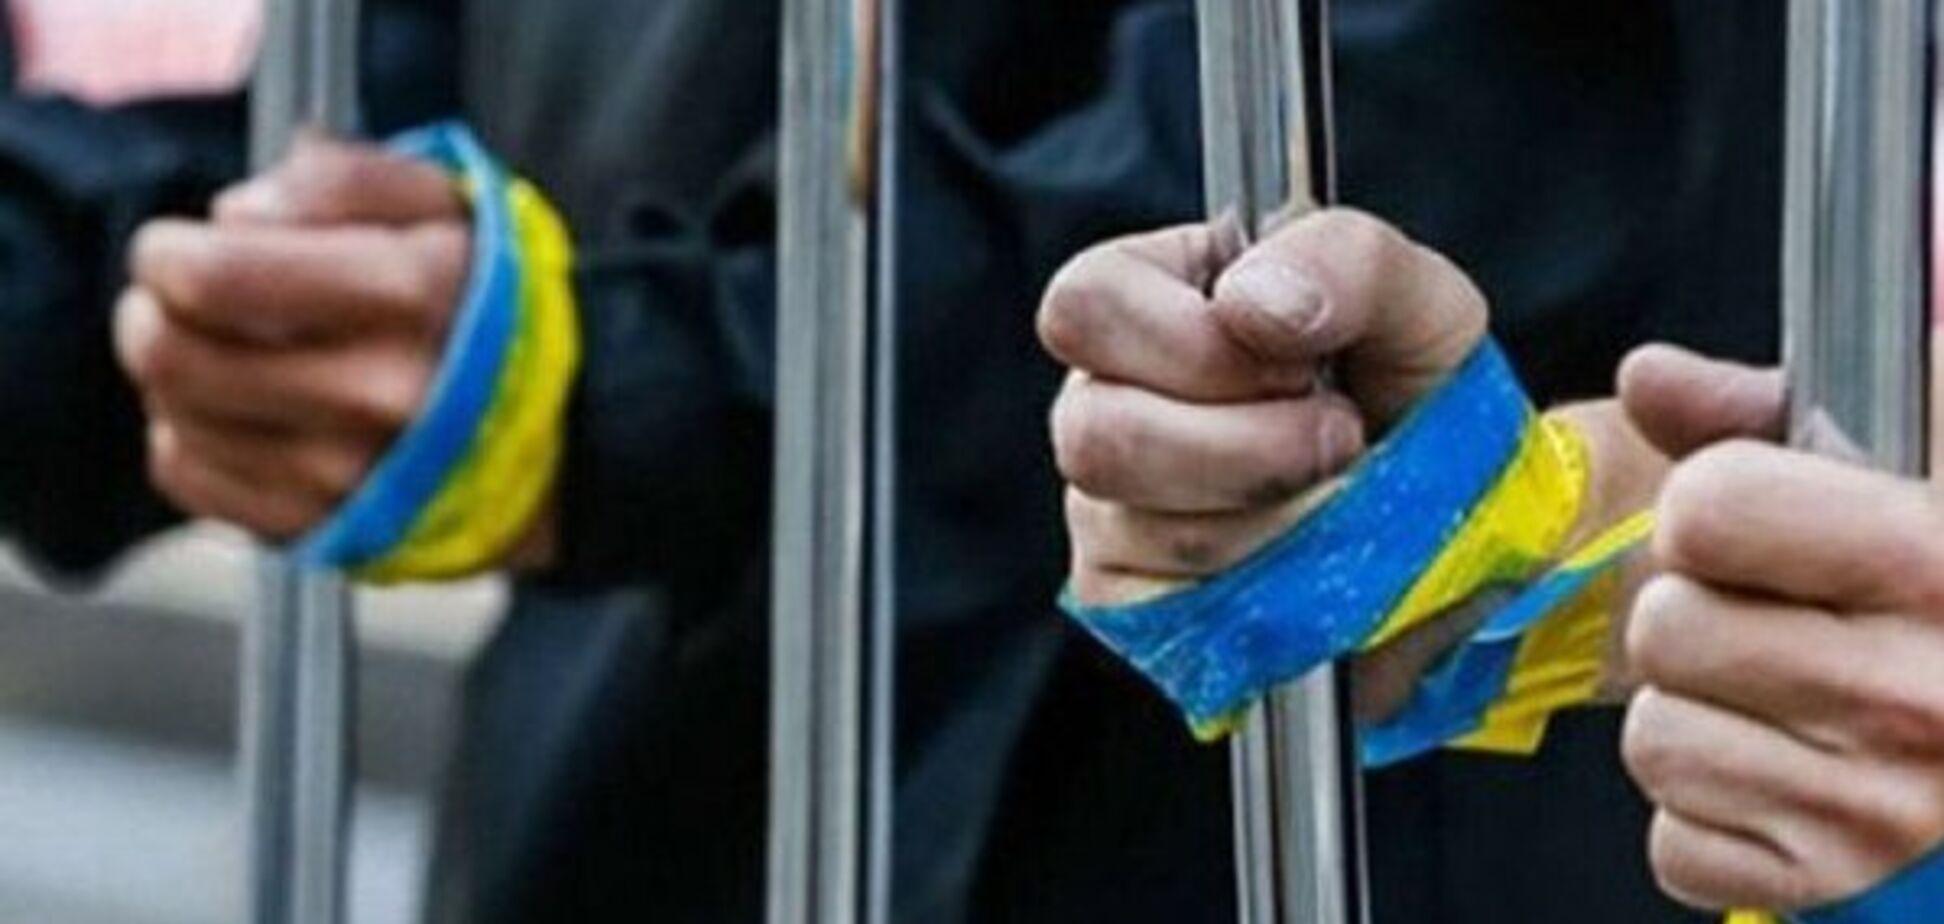 'Є серйозна небезпека': українських моряків попередили про підлість Росії